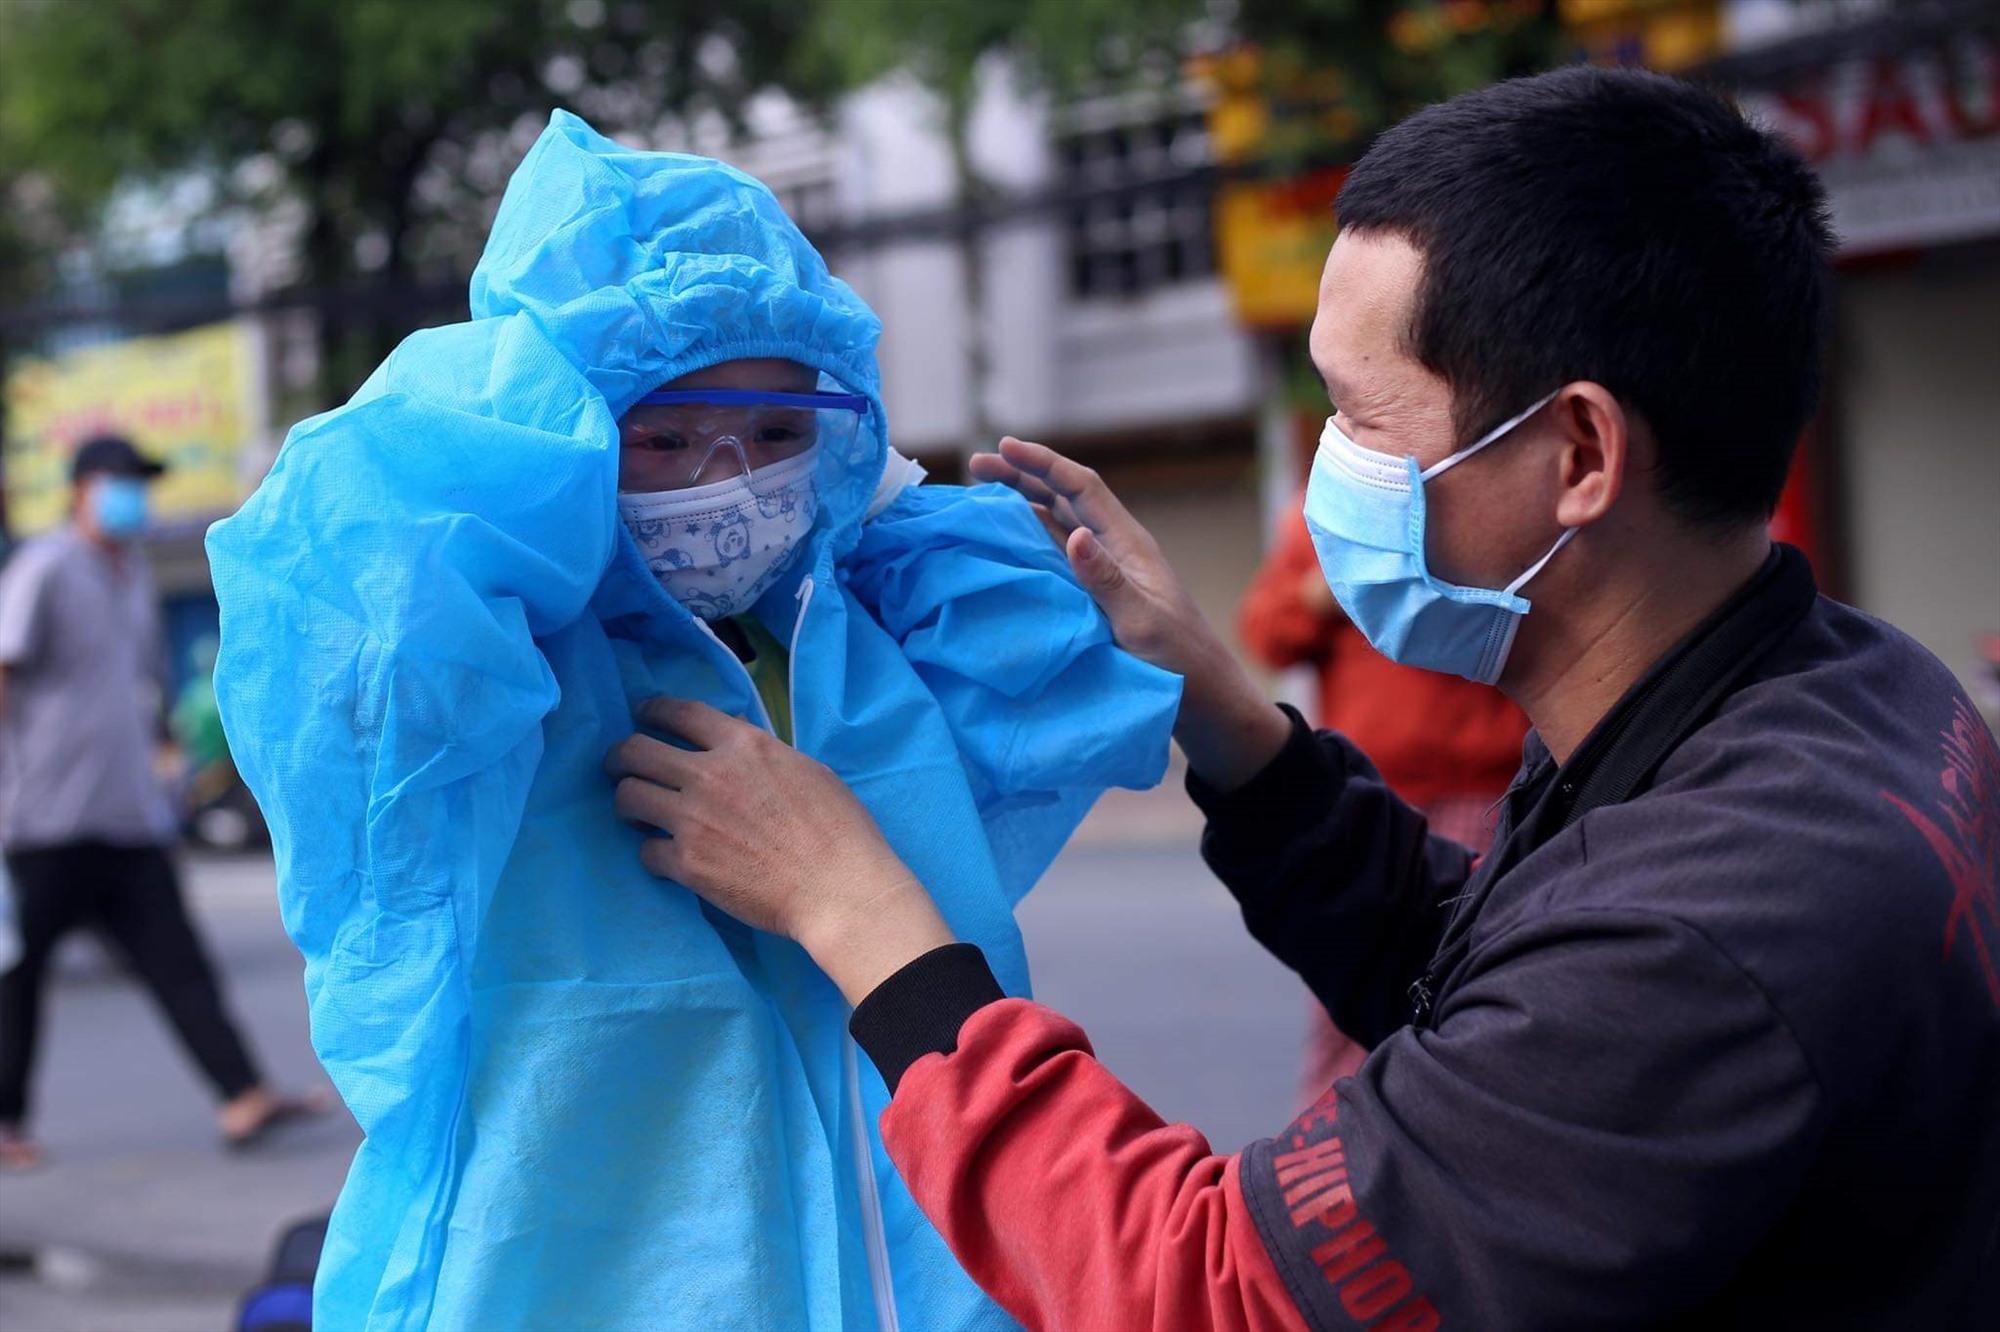 Người về từ TP.Hồ Chí Minh được đưa vào cách ly tập trung ngay khi về đến địa phương. Ảnh: H.Q